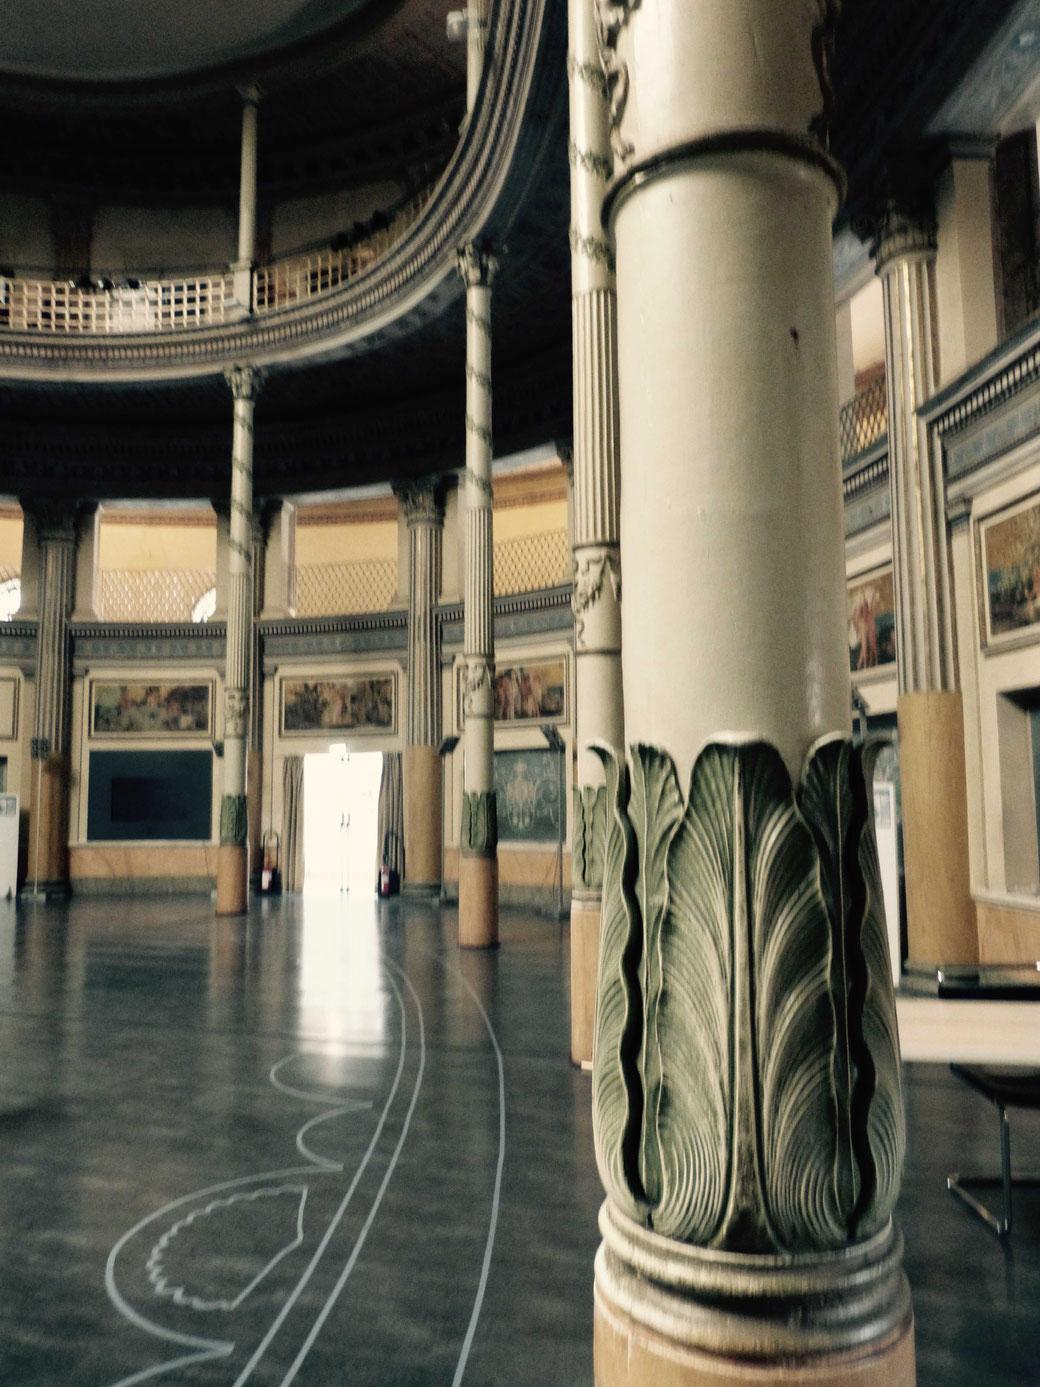 Mit den umlaufenden Balkonen versprüht der Saal, in dem einst die Fischbassins gestanden haben, ziemlich viel Theater-Flair.